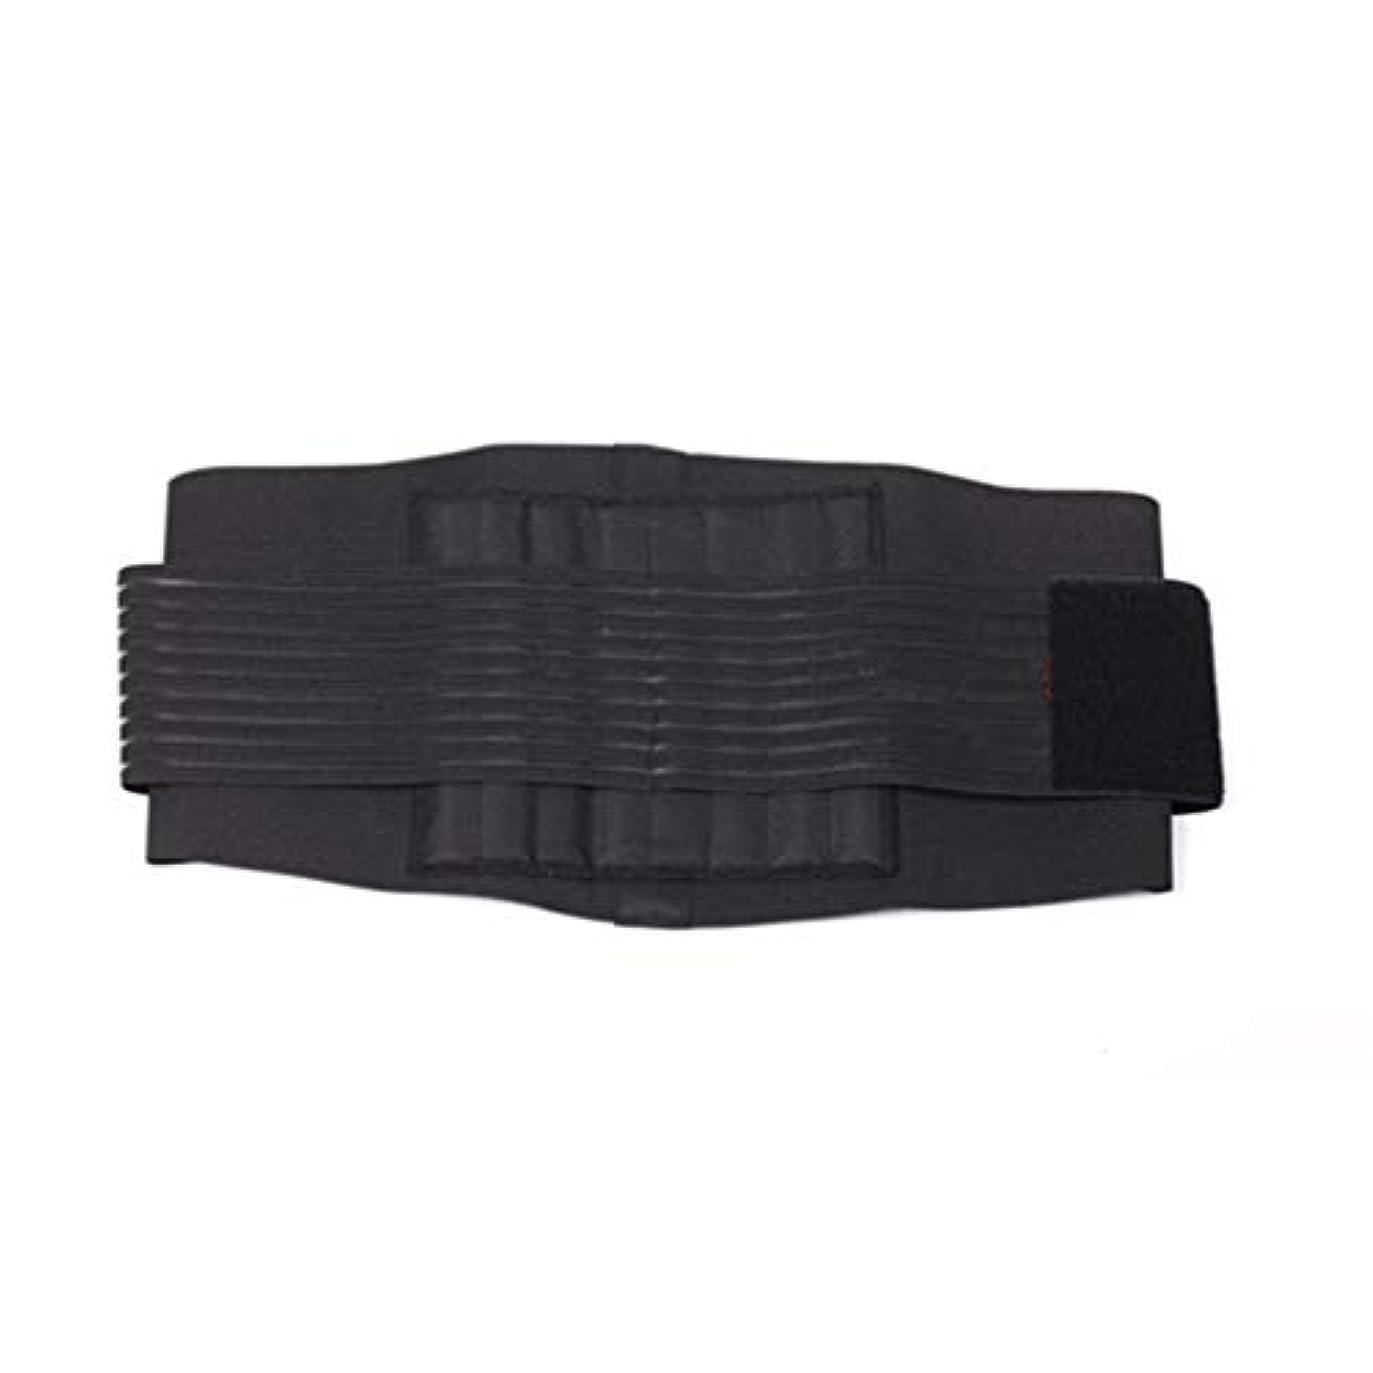 置き場トレイルチューブ補正ベルトスチールウエストサポートブレース弾性腹部保護-Rustle666